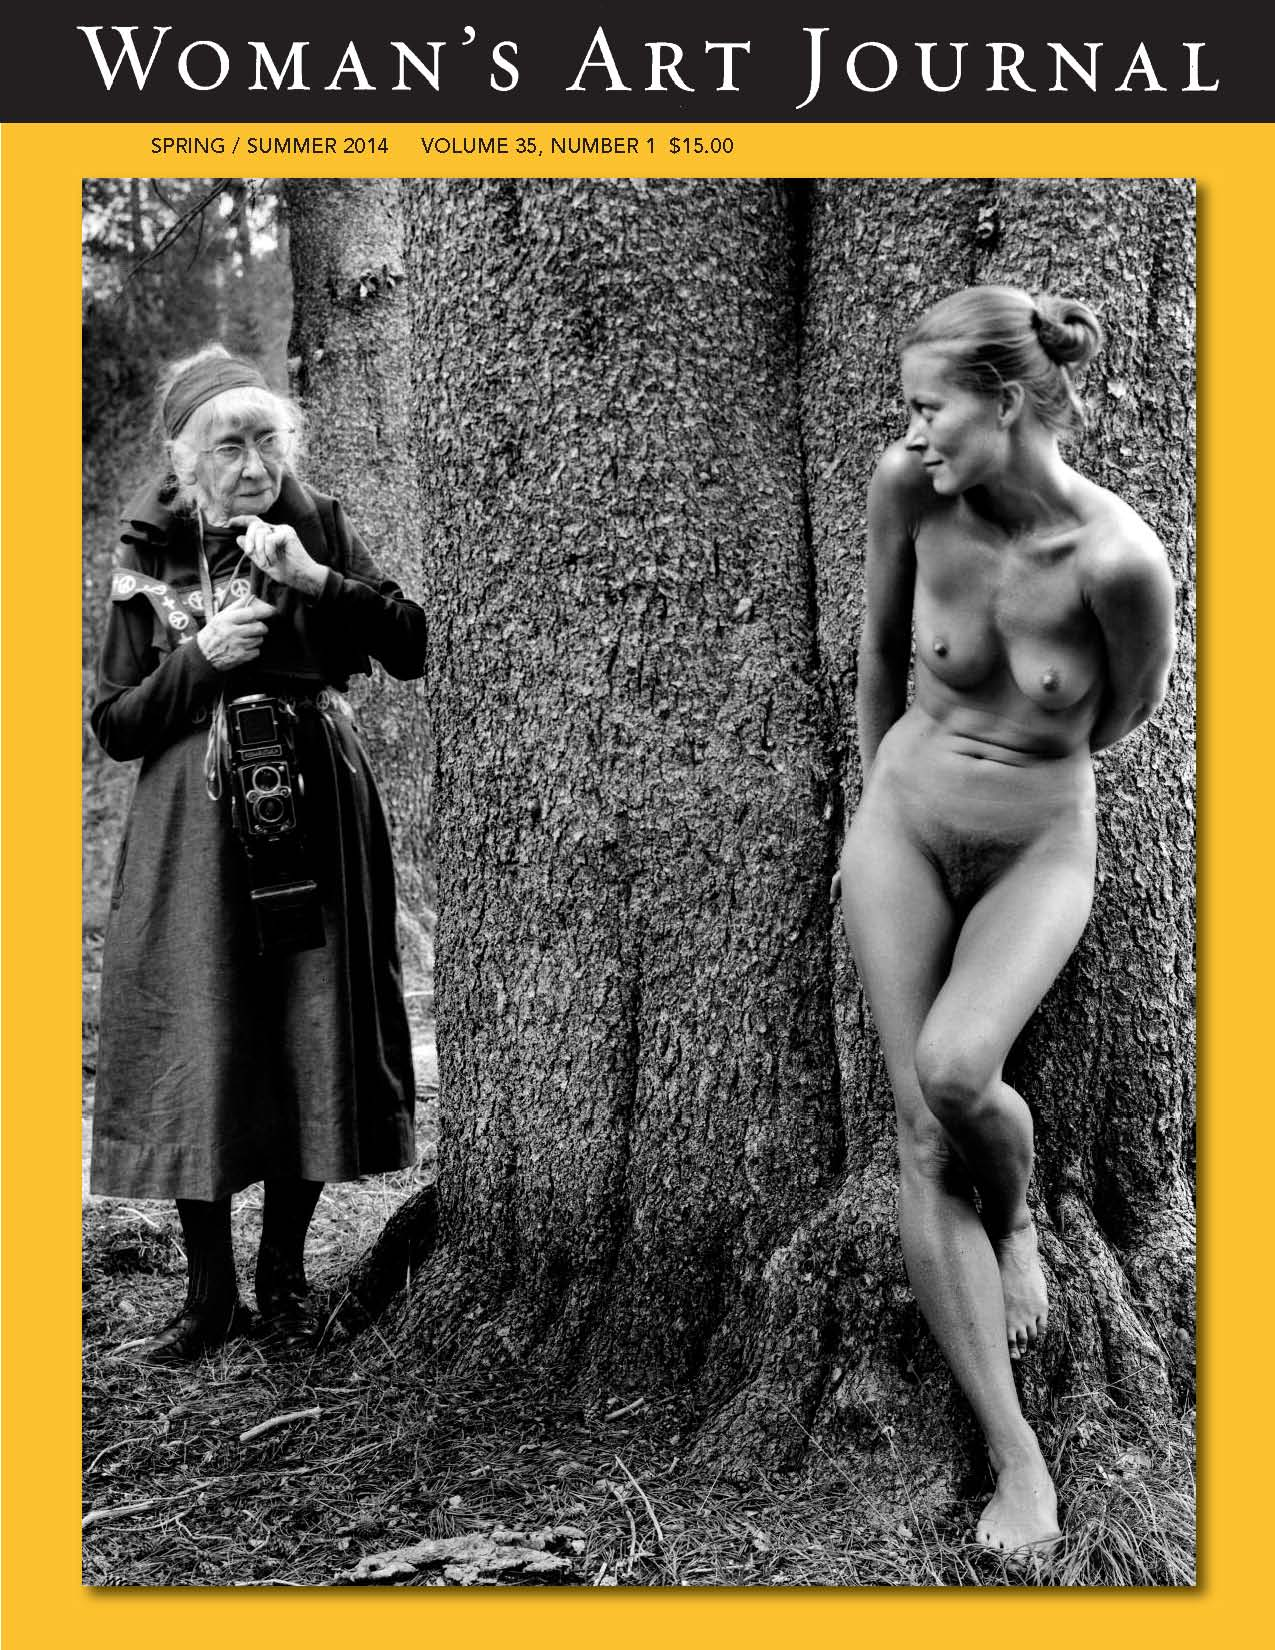 Women's Art Journal, Spring/Summer 2014, article